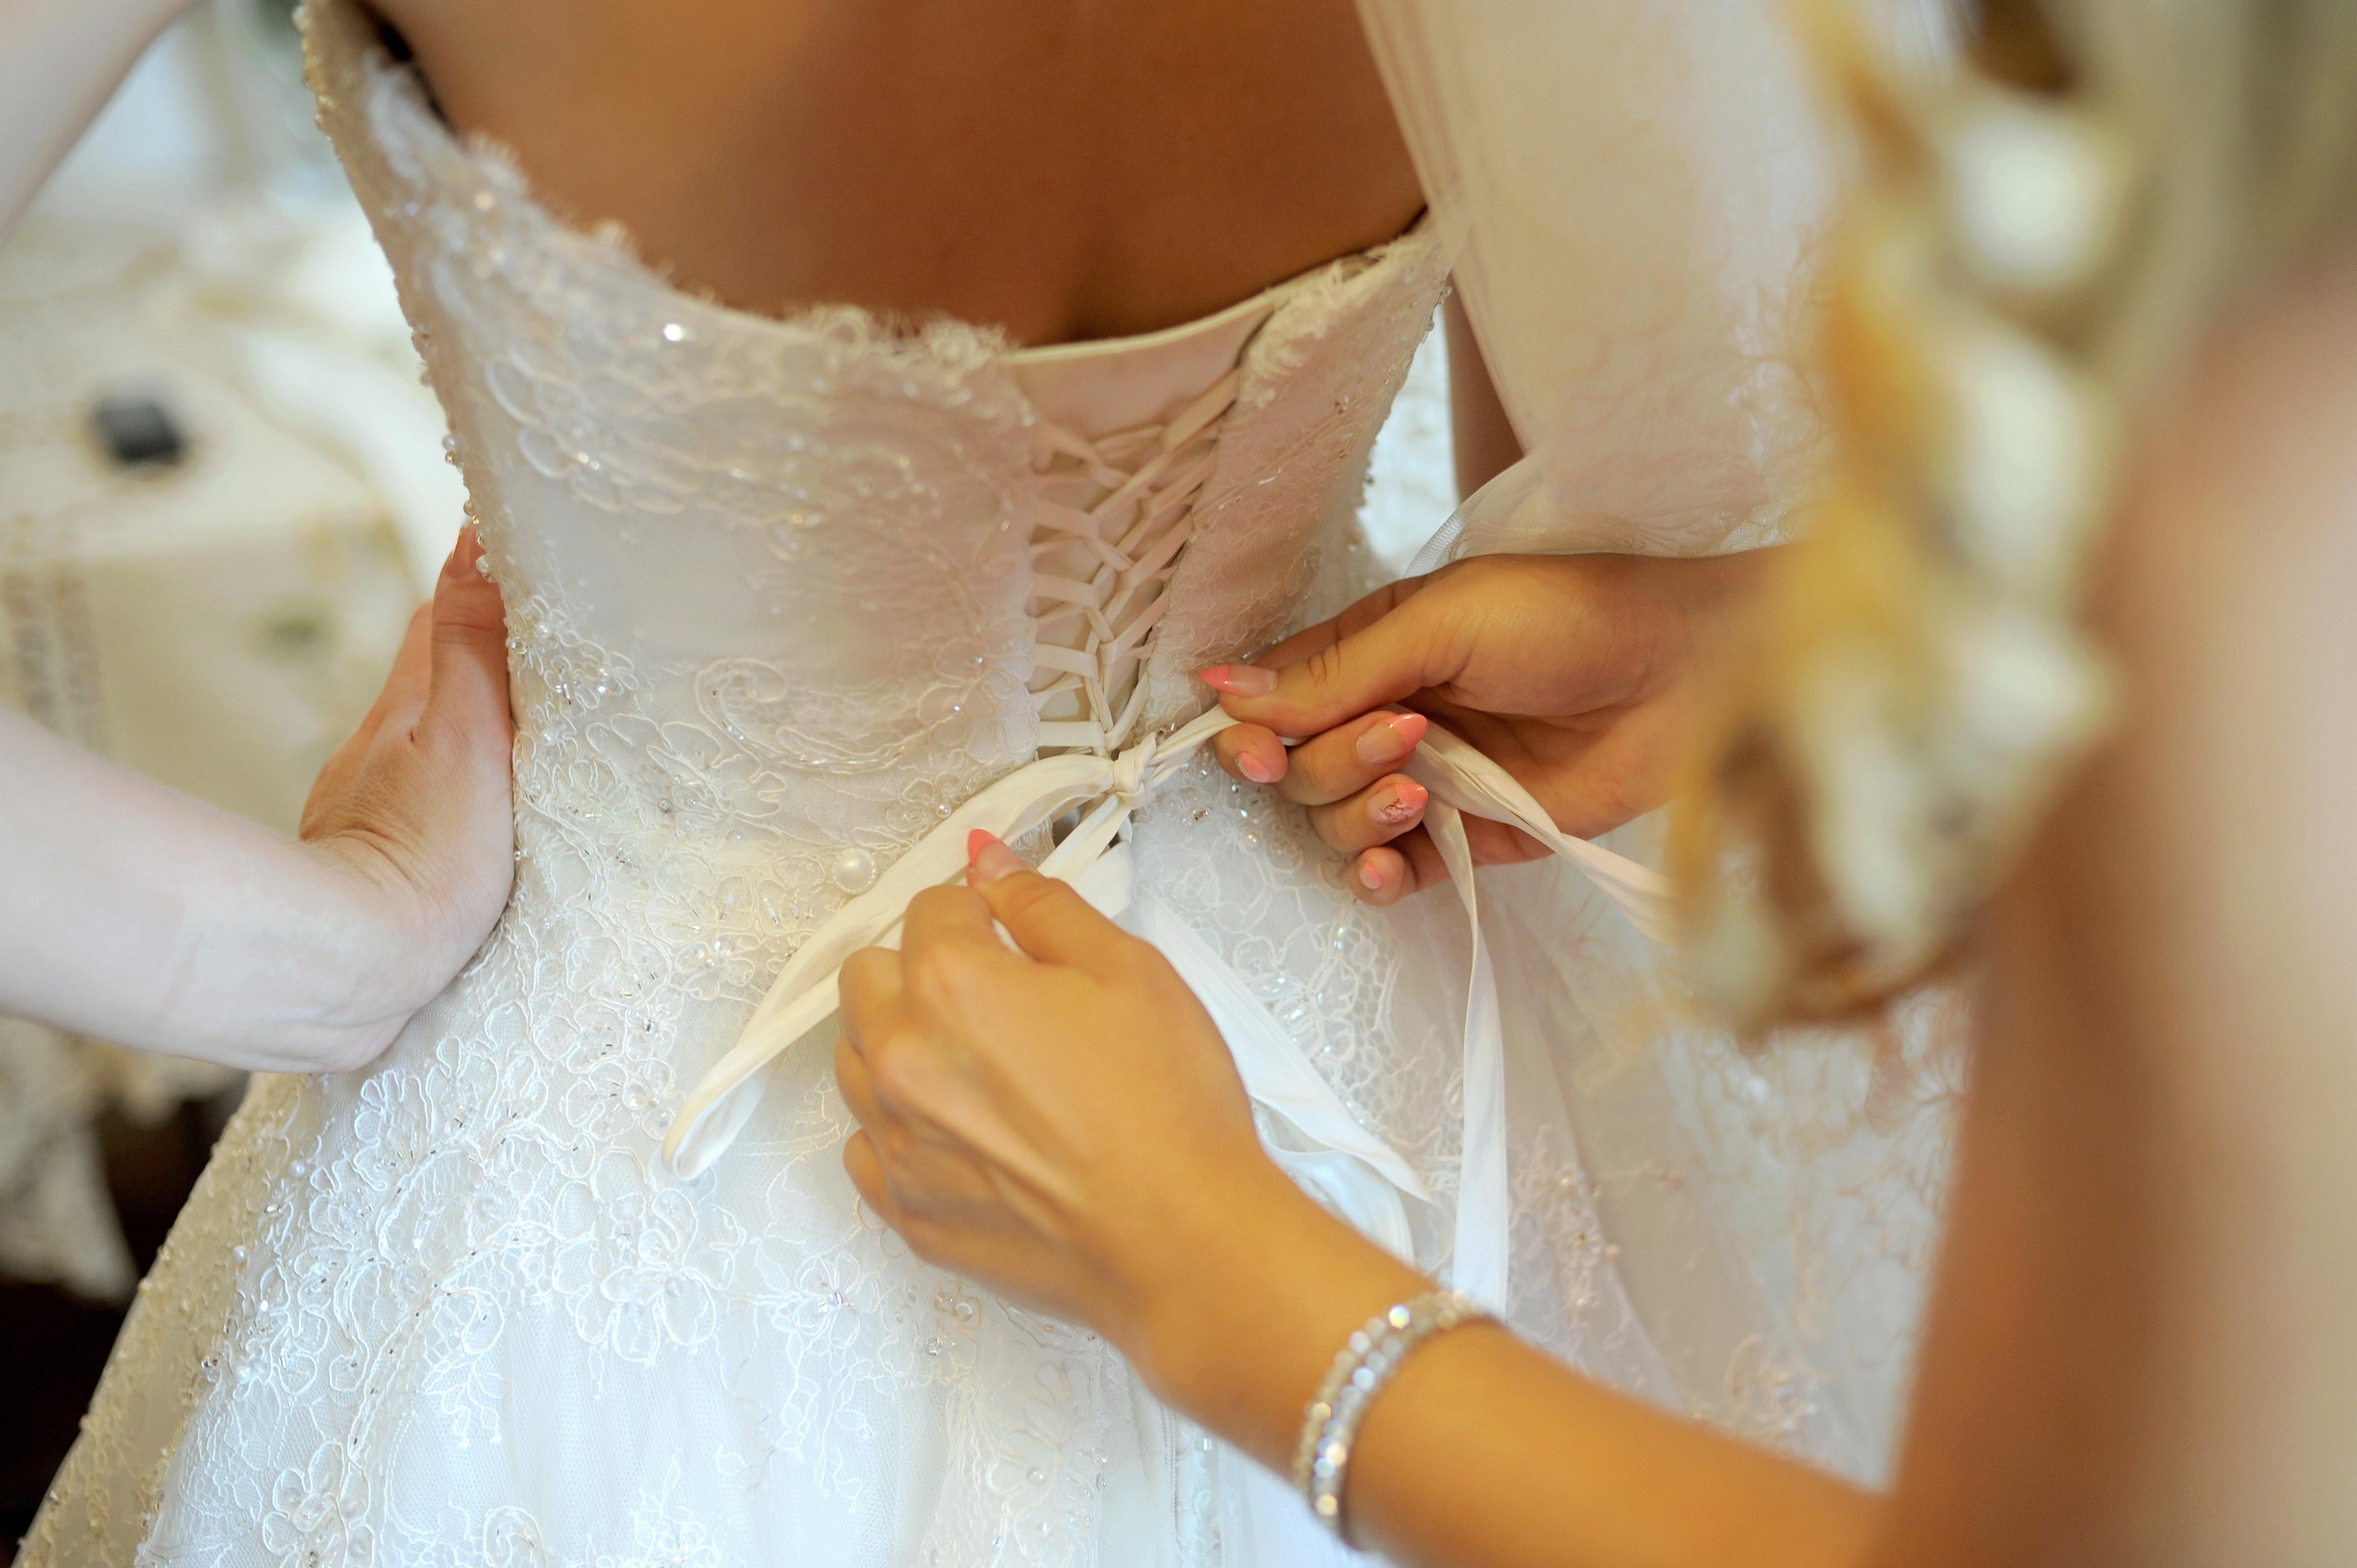 schnell abnehmen für die schlanke Taille im Hochzeitskleid